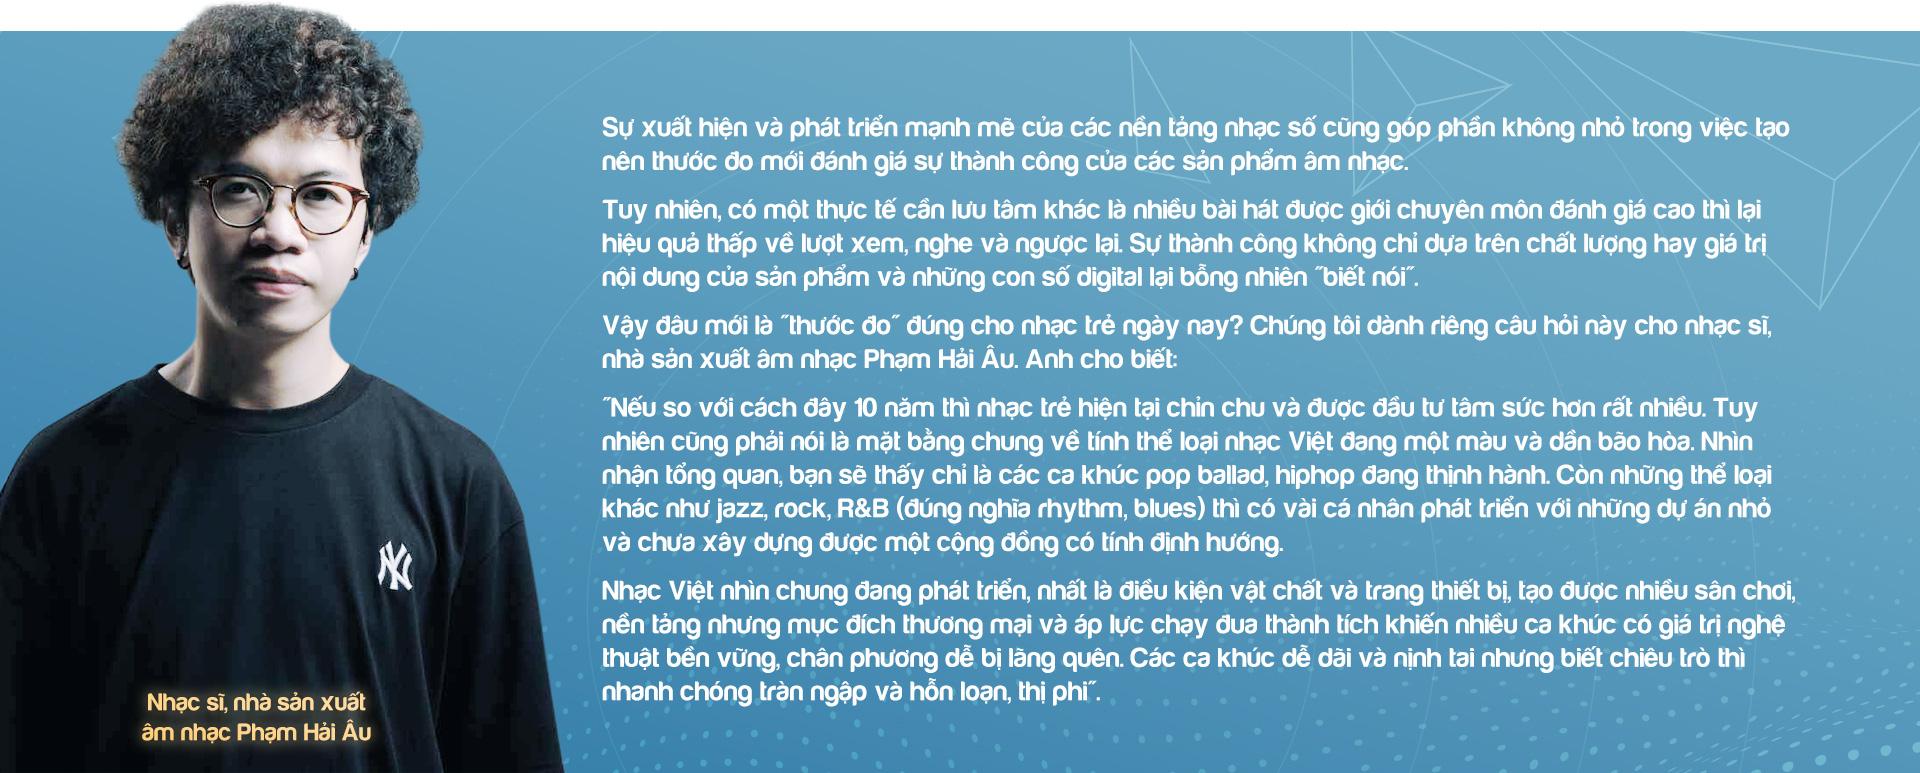 Nhạc số Việt Nam bước vào kỷ nguyên mới - Ảnh 6.